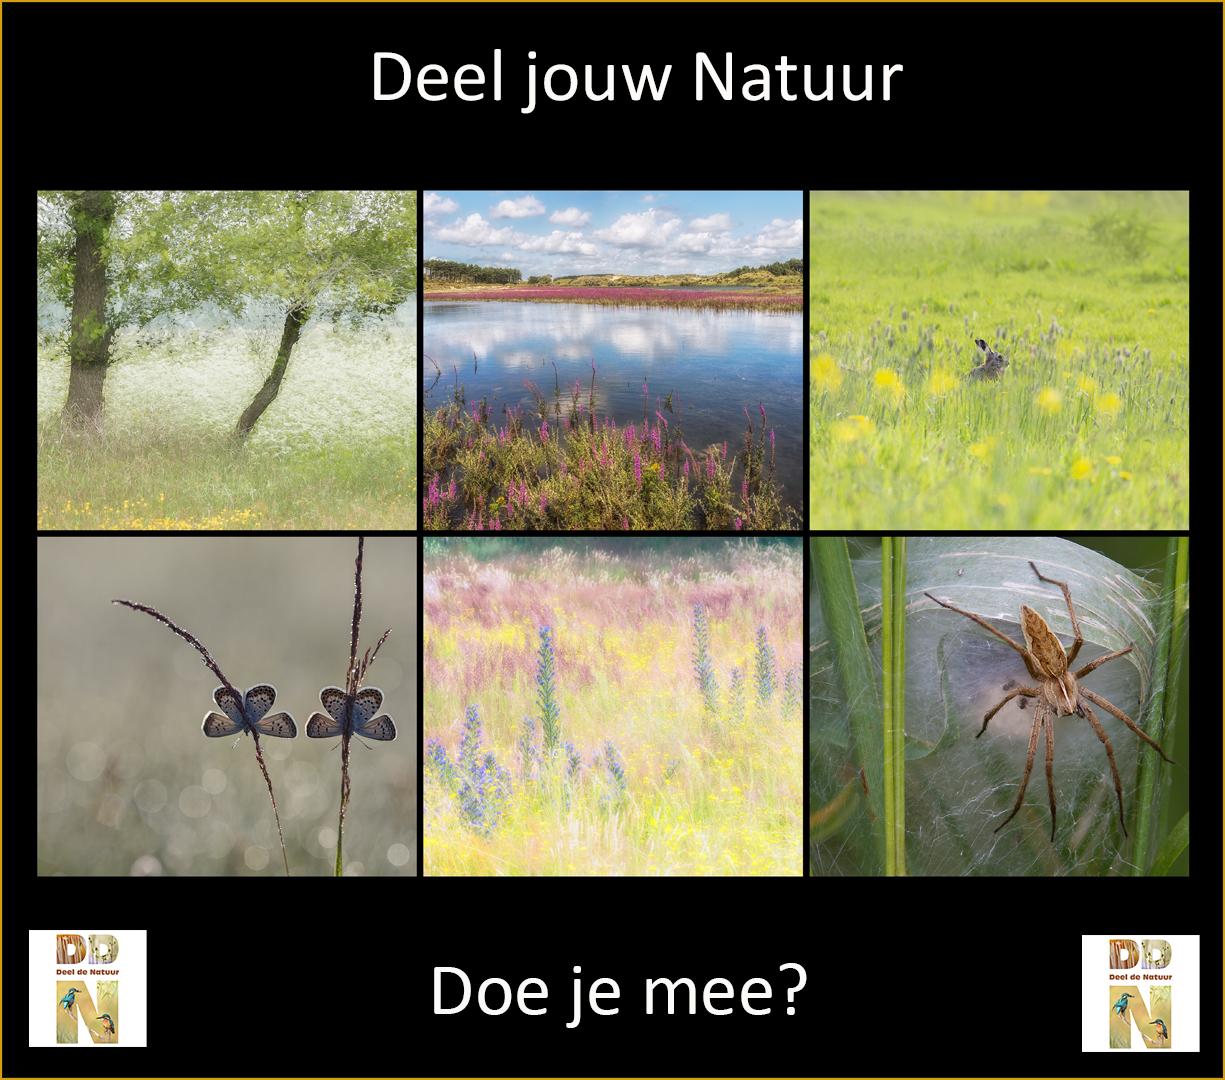 Deel jouw Natuur